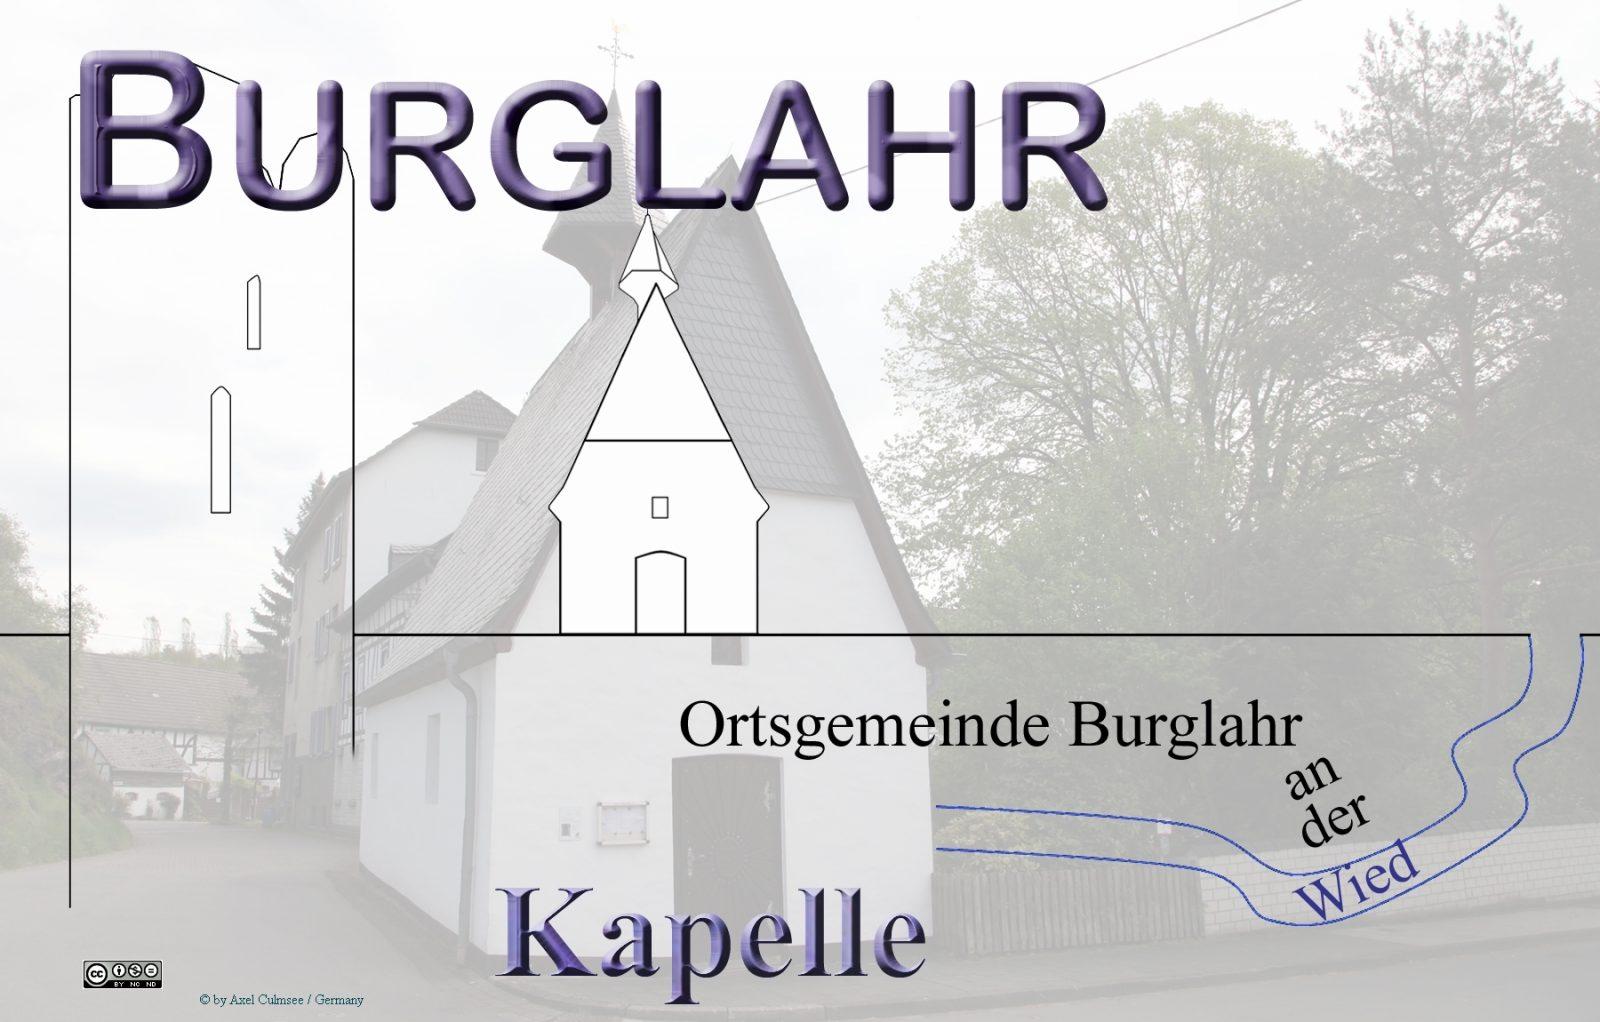 Burglahr Kapelle mit Risszeichnung Sehenswürdigkeiten (Skyline)